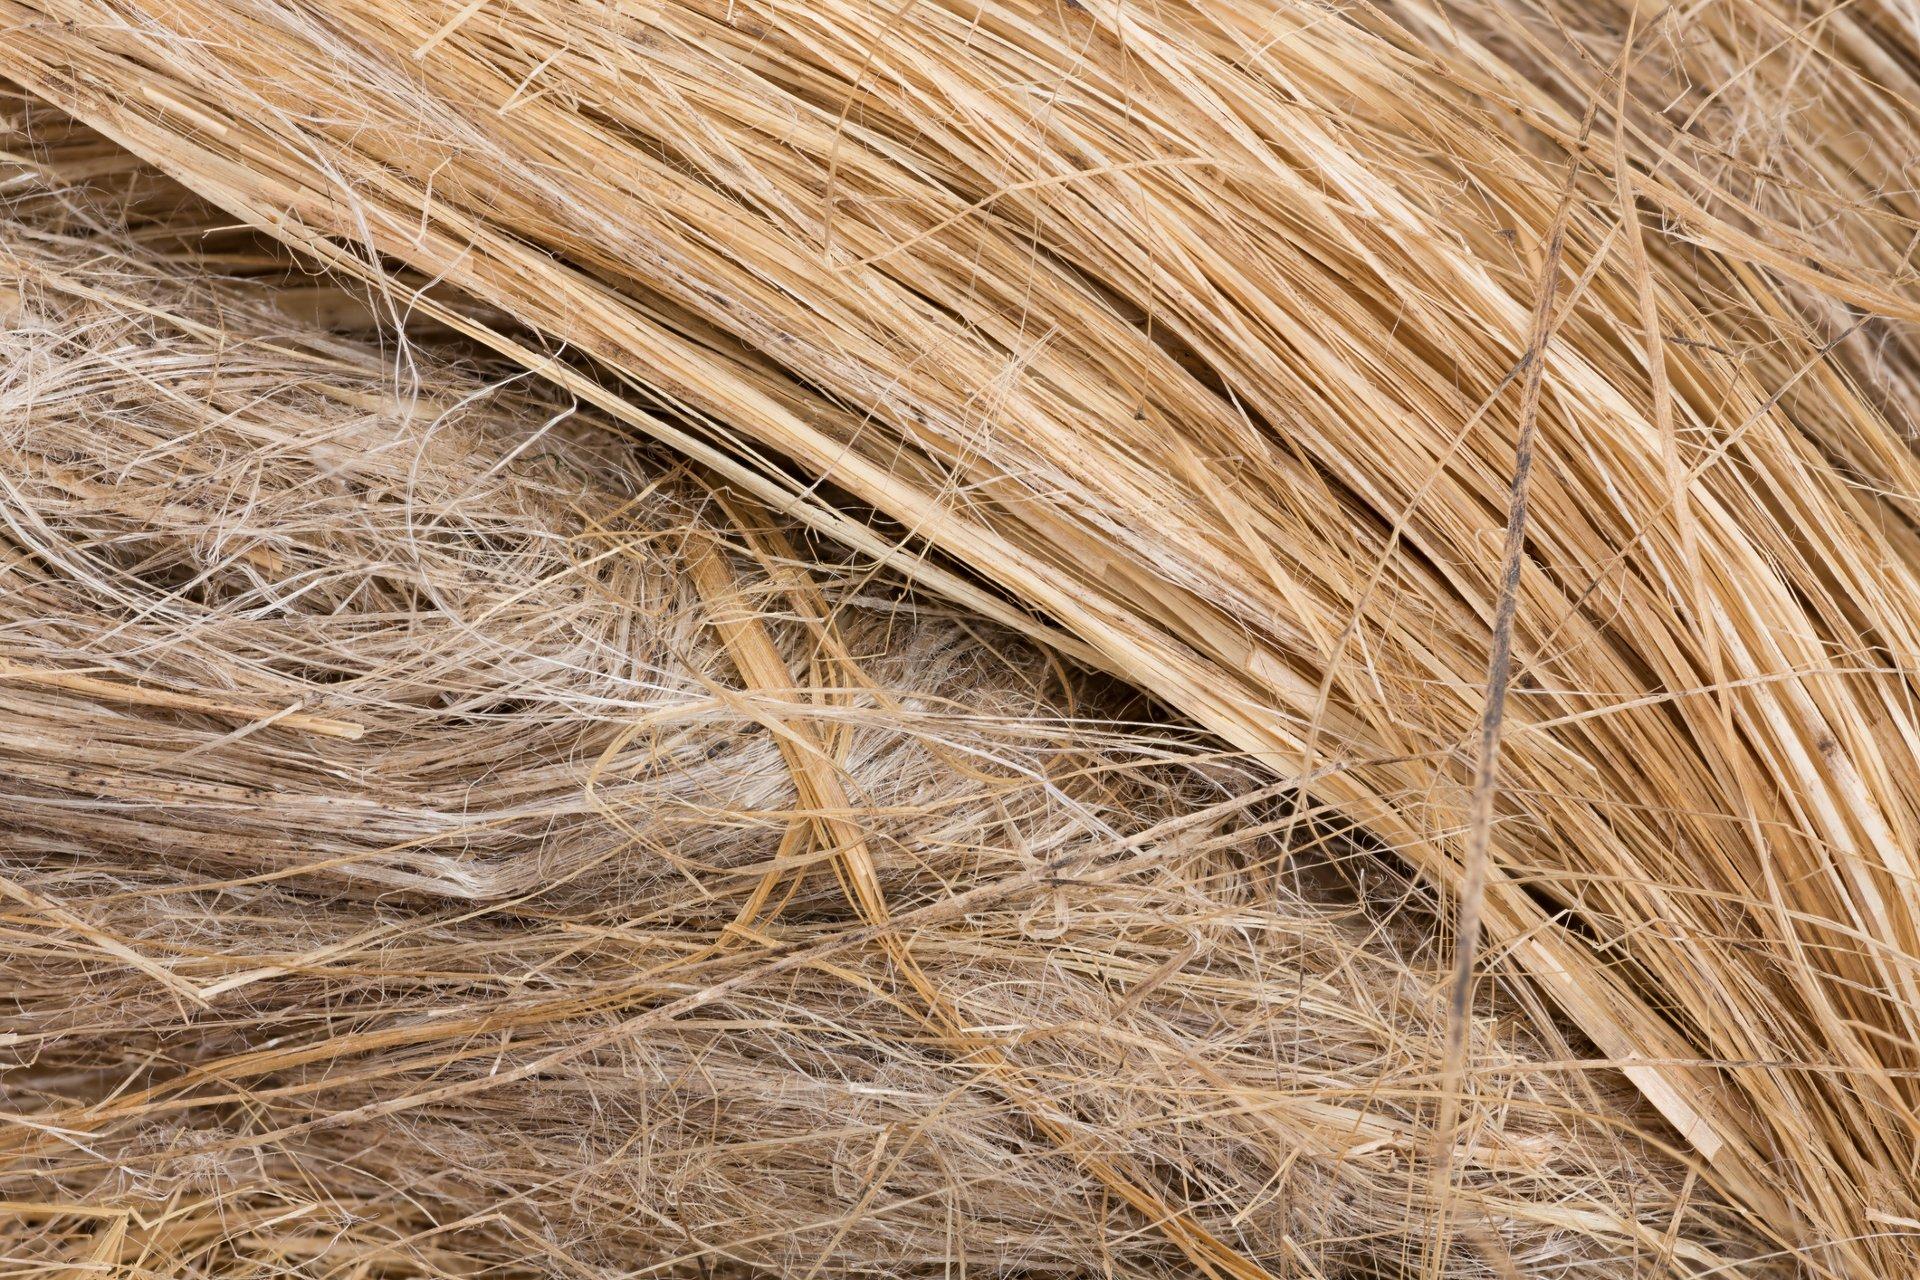 raw flax fiber